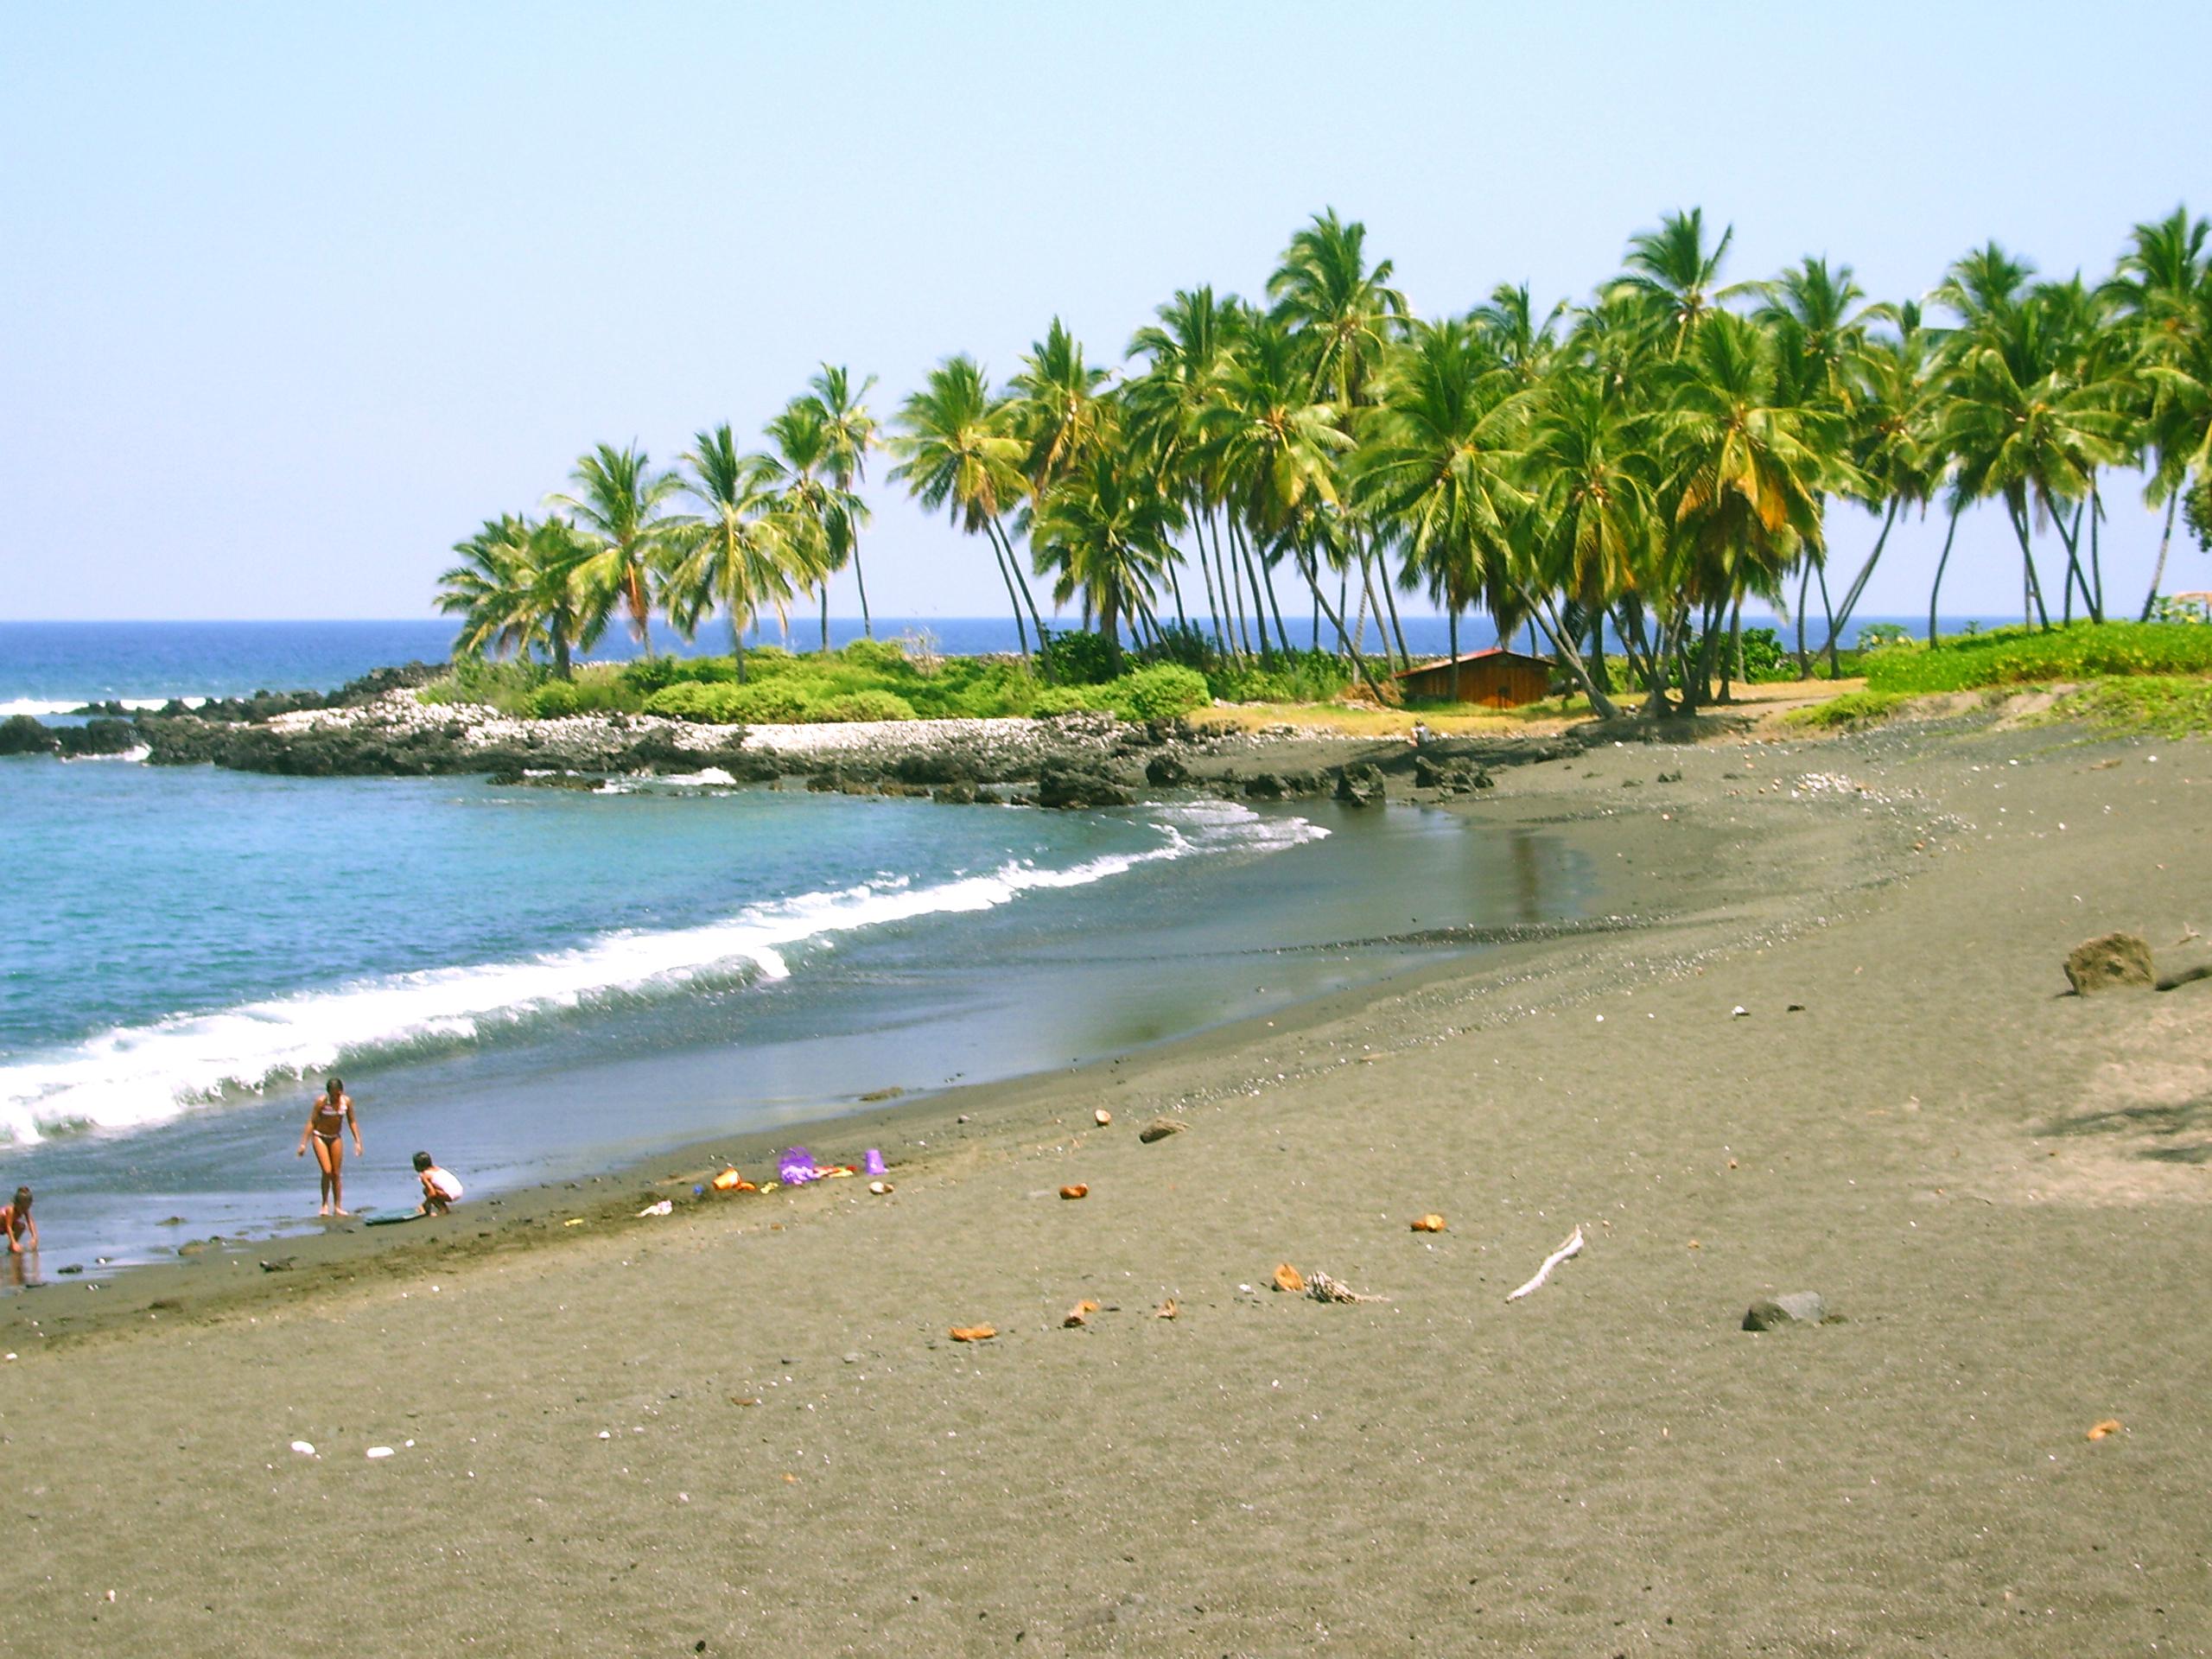 Kona Coast, Big Island, Hawaii бесплатно